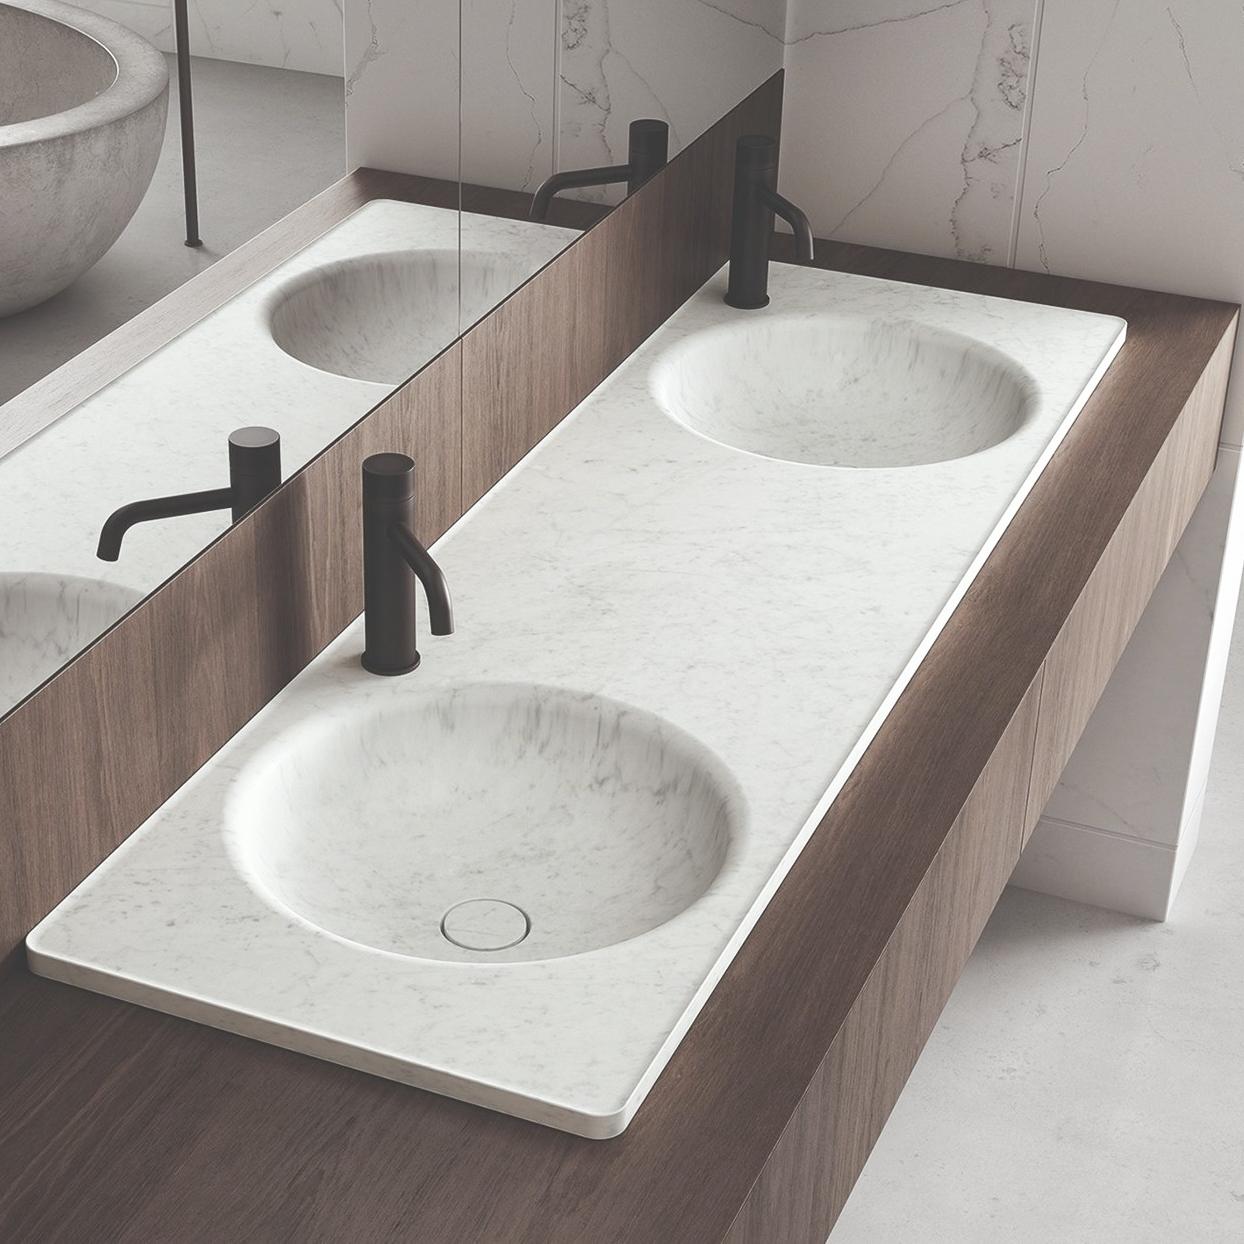 Double basin